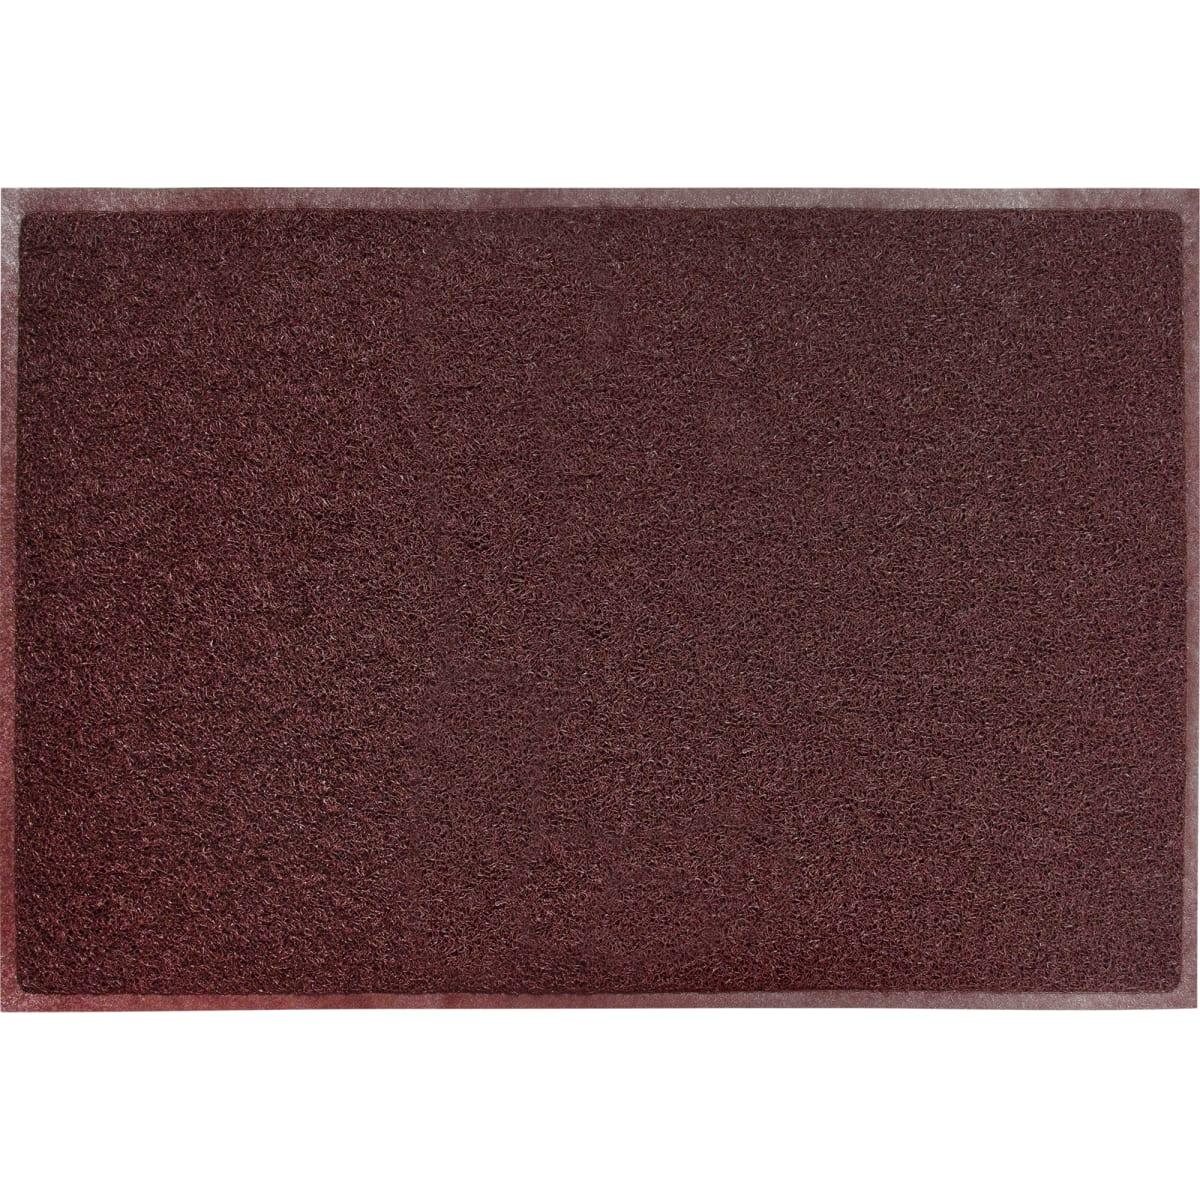 Коврик «Noodles», 60x90 см, ПВХ, цвет коричневый